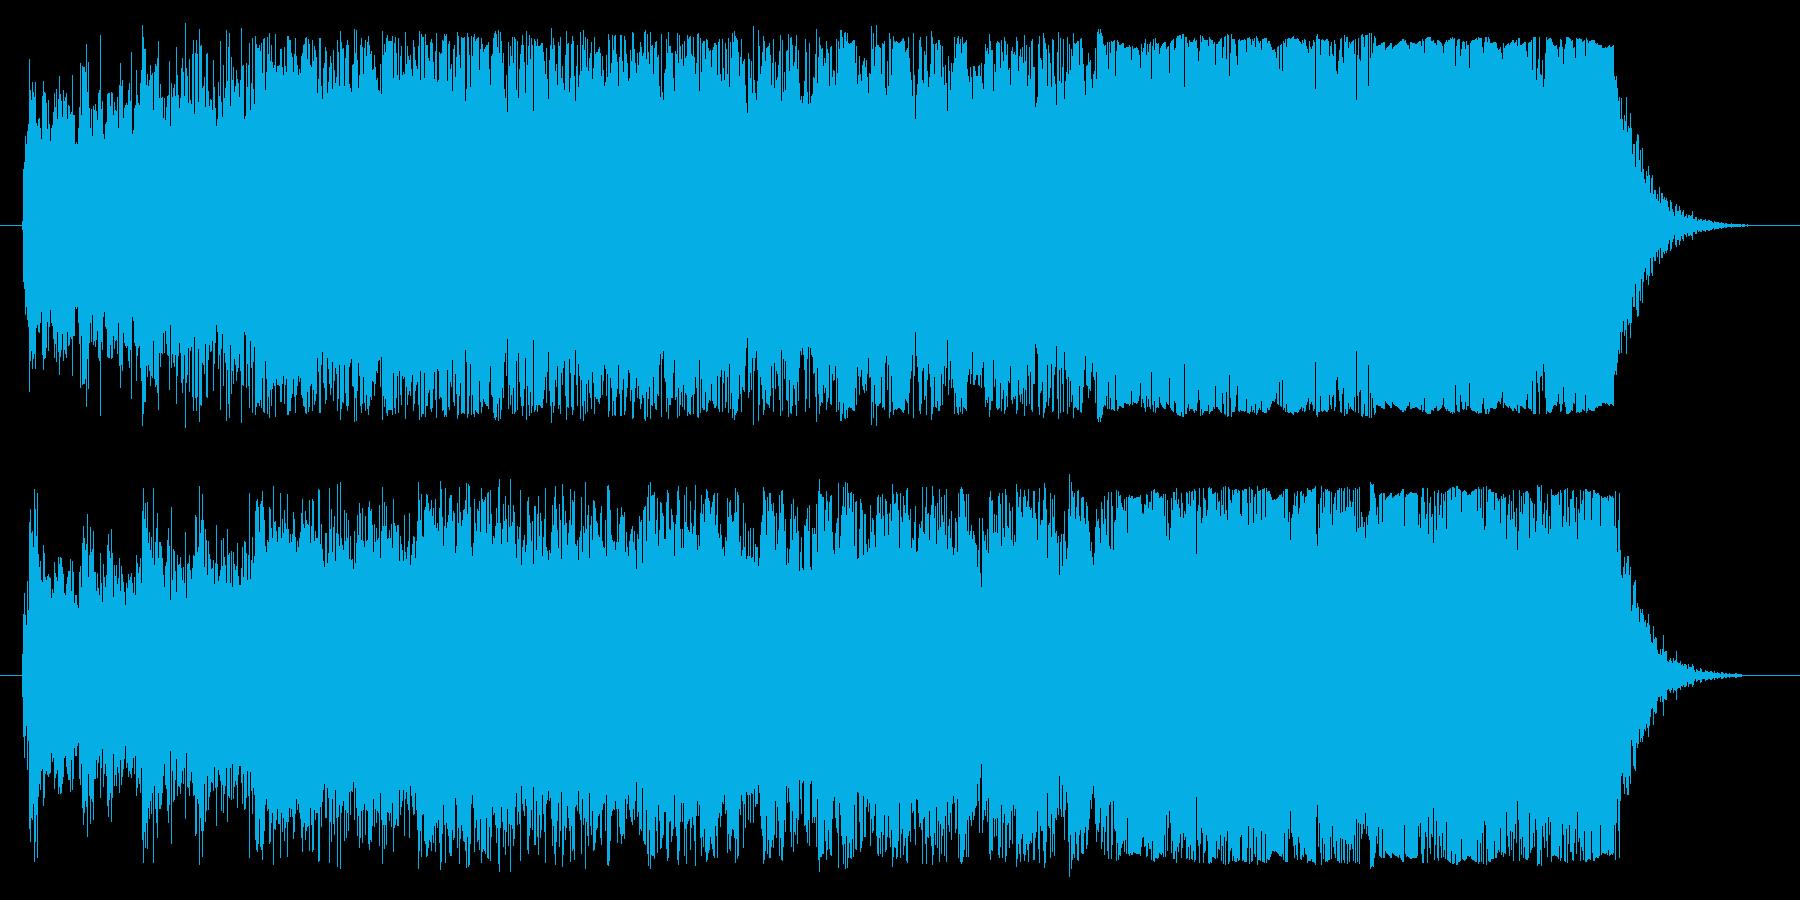 洋画のかっこいい予告編のような音楽です。の再生済みの波形